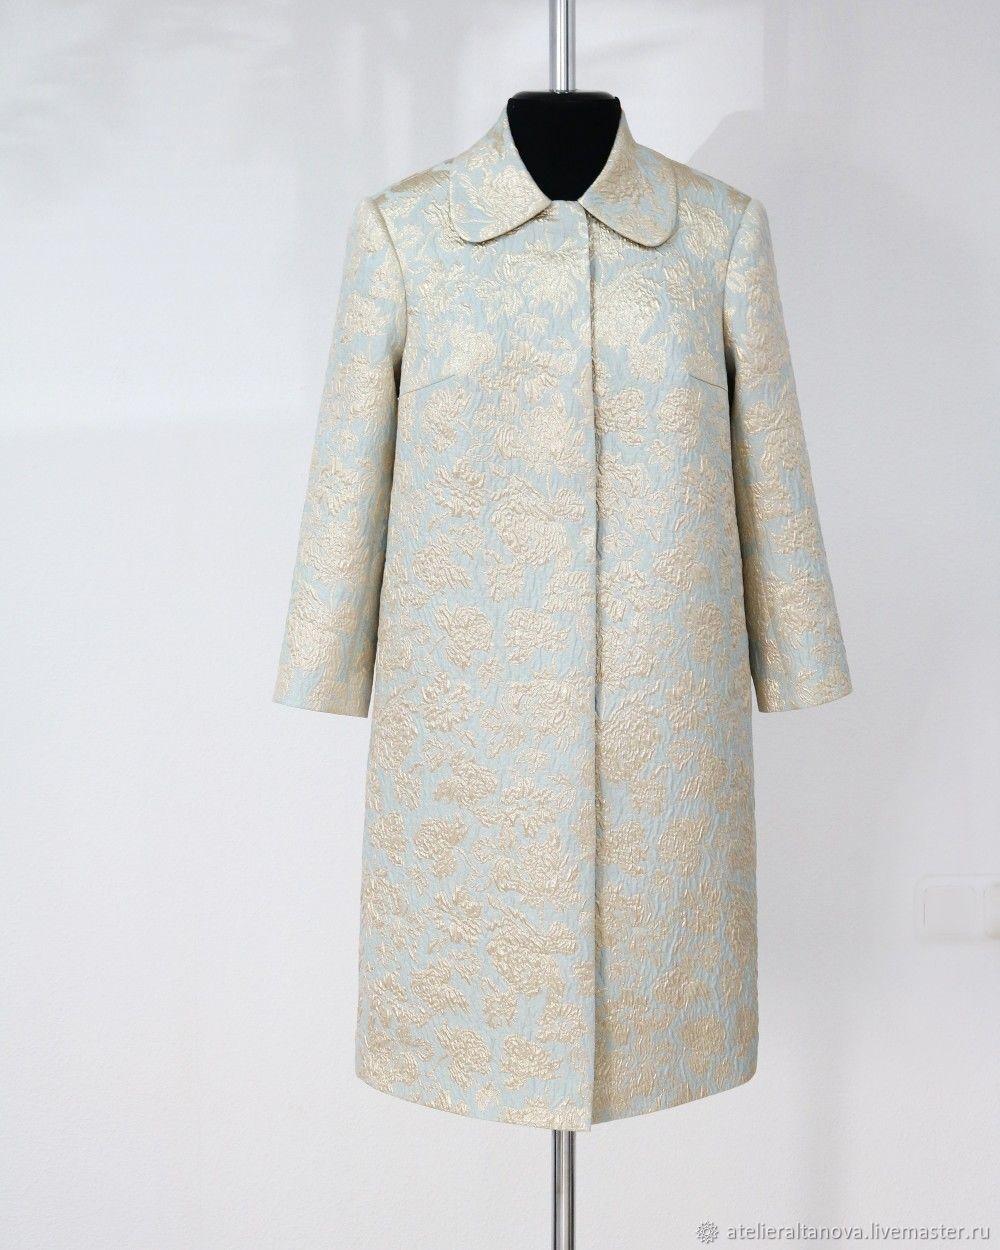 Верхняя одежда ручной работы. Ярмарка Мастеров - ручная работа. Купить Вечернее пальто в стиле первой леди. Handmade. Голубой